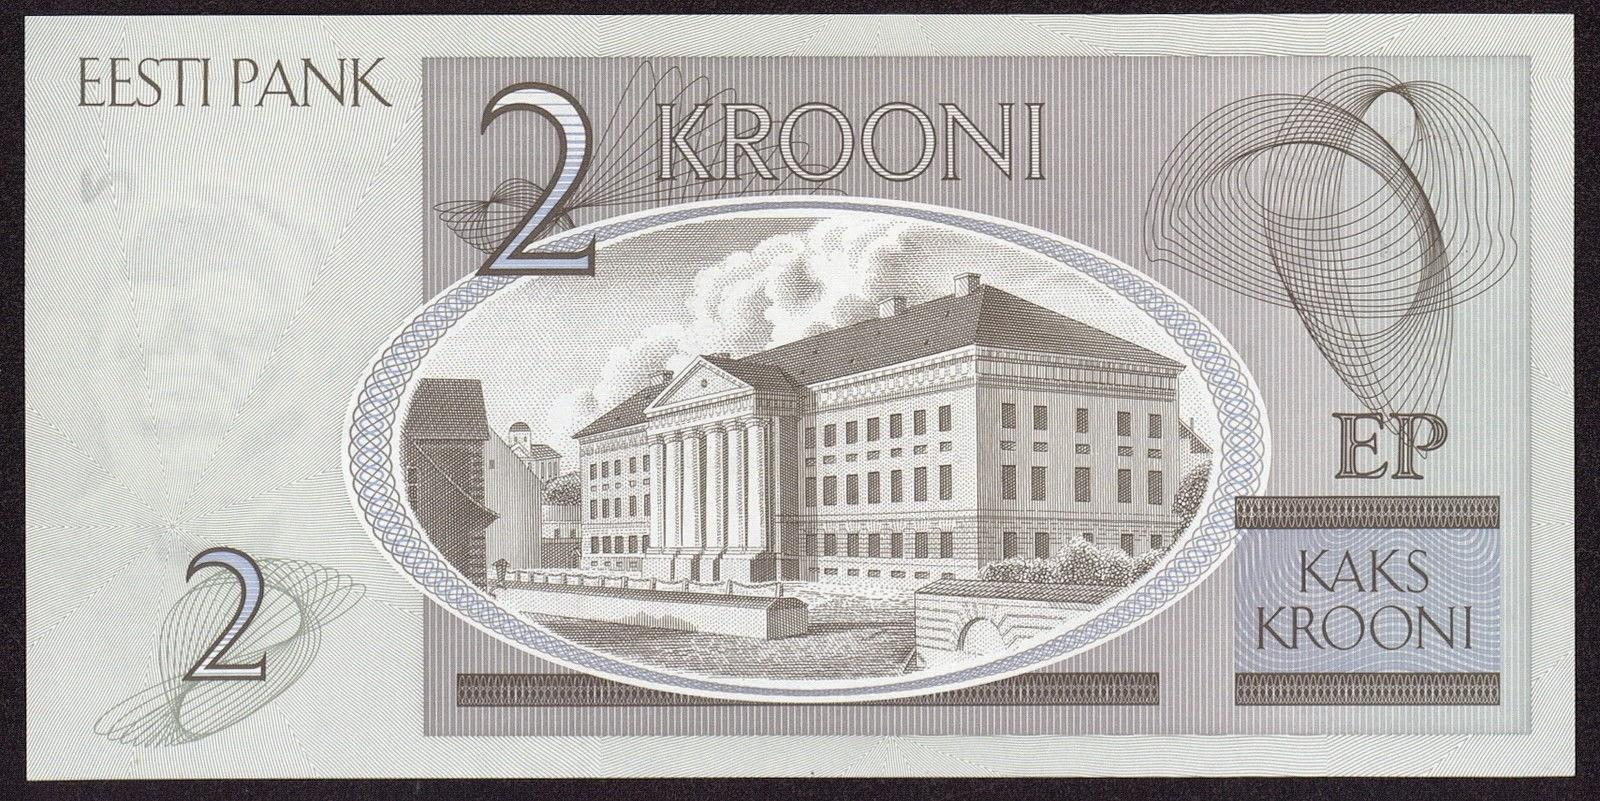 Estonia banknotes 2 krooni note, University of Tartu